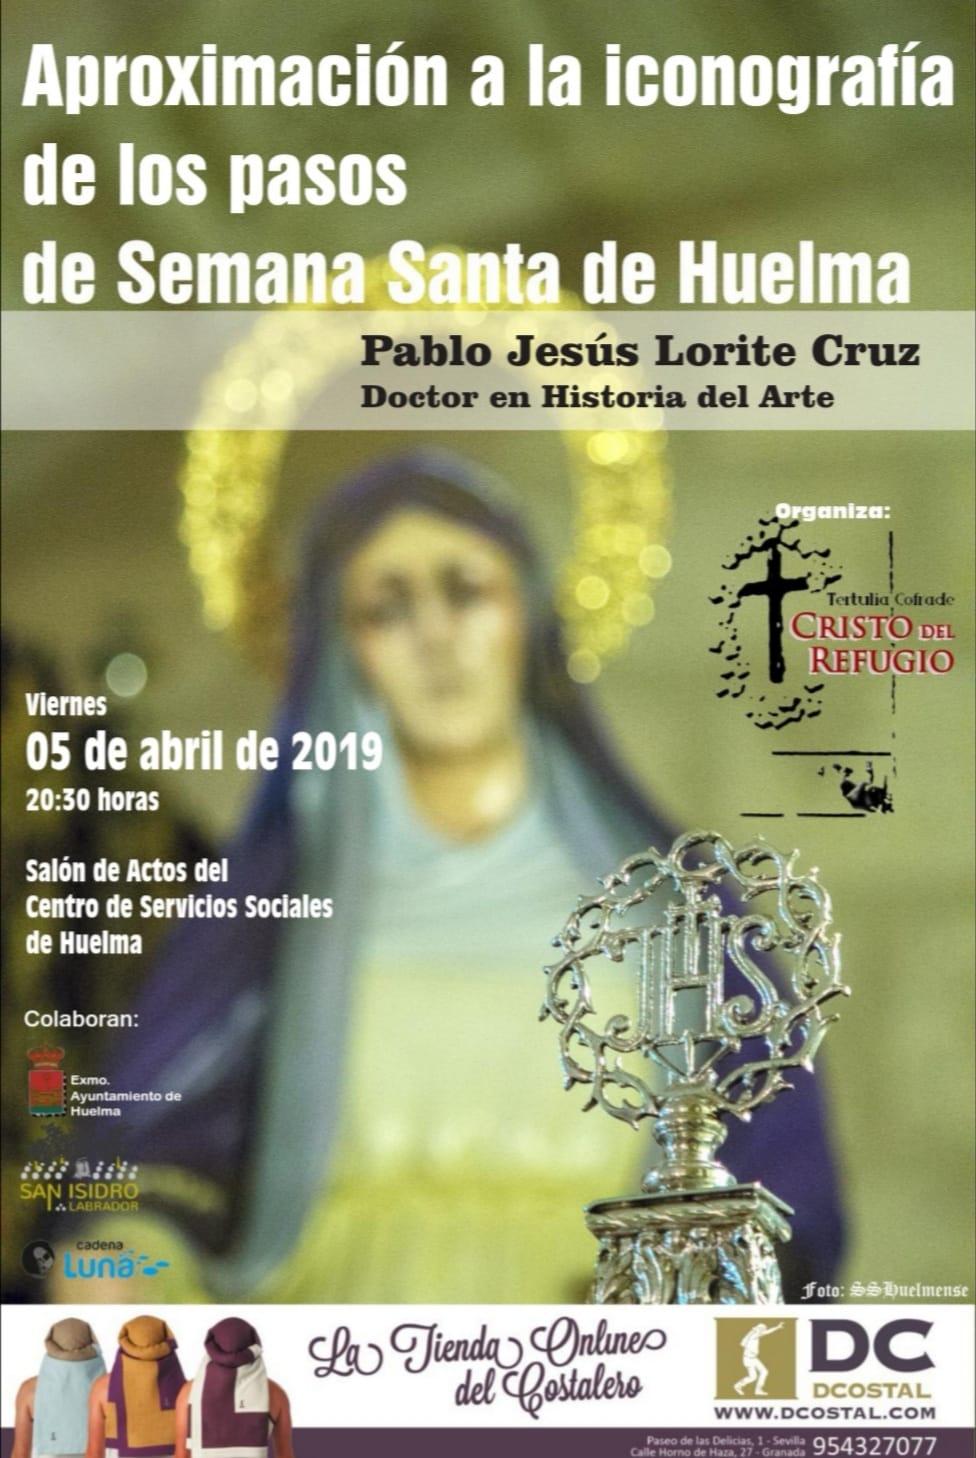 VIERNES 5 ABRIL 2019. APROXIMACIÓN A LA ICONOGRAFÍA DE LOS PASOS DE SEMANA SANTA DE HUELMA